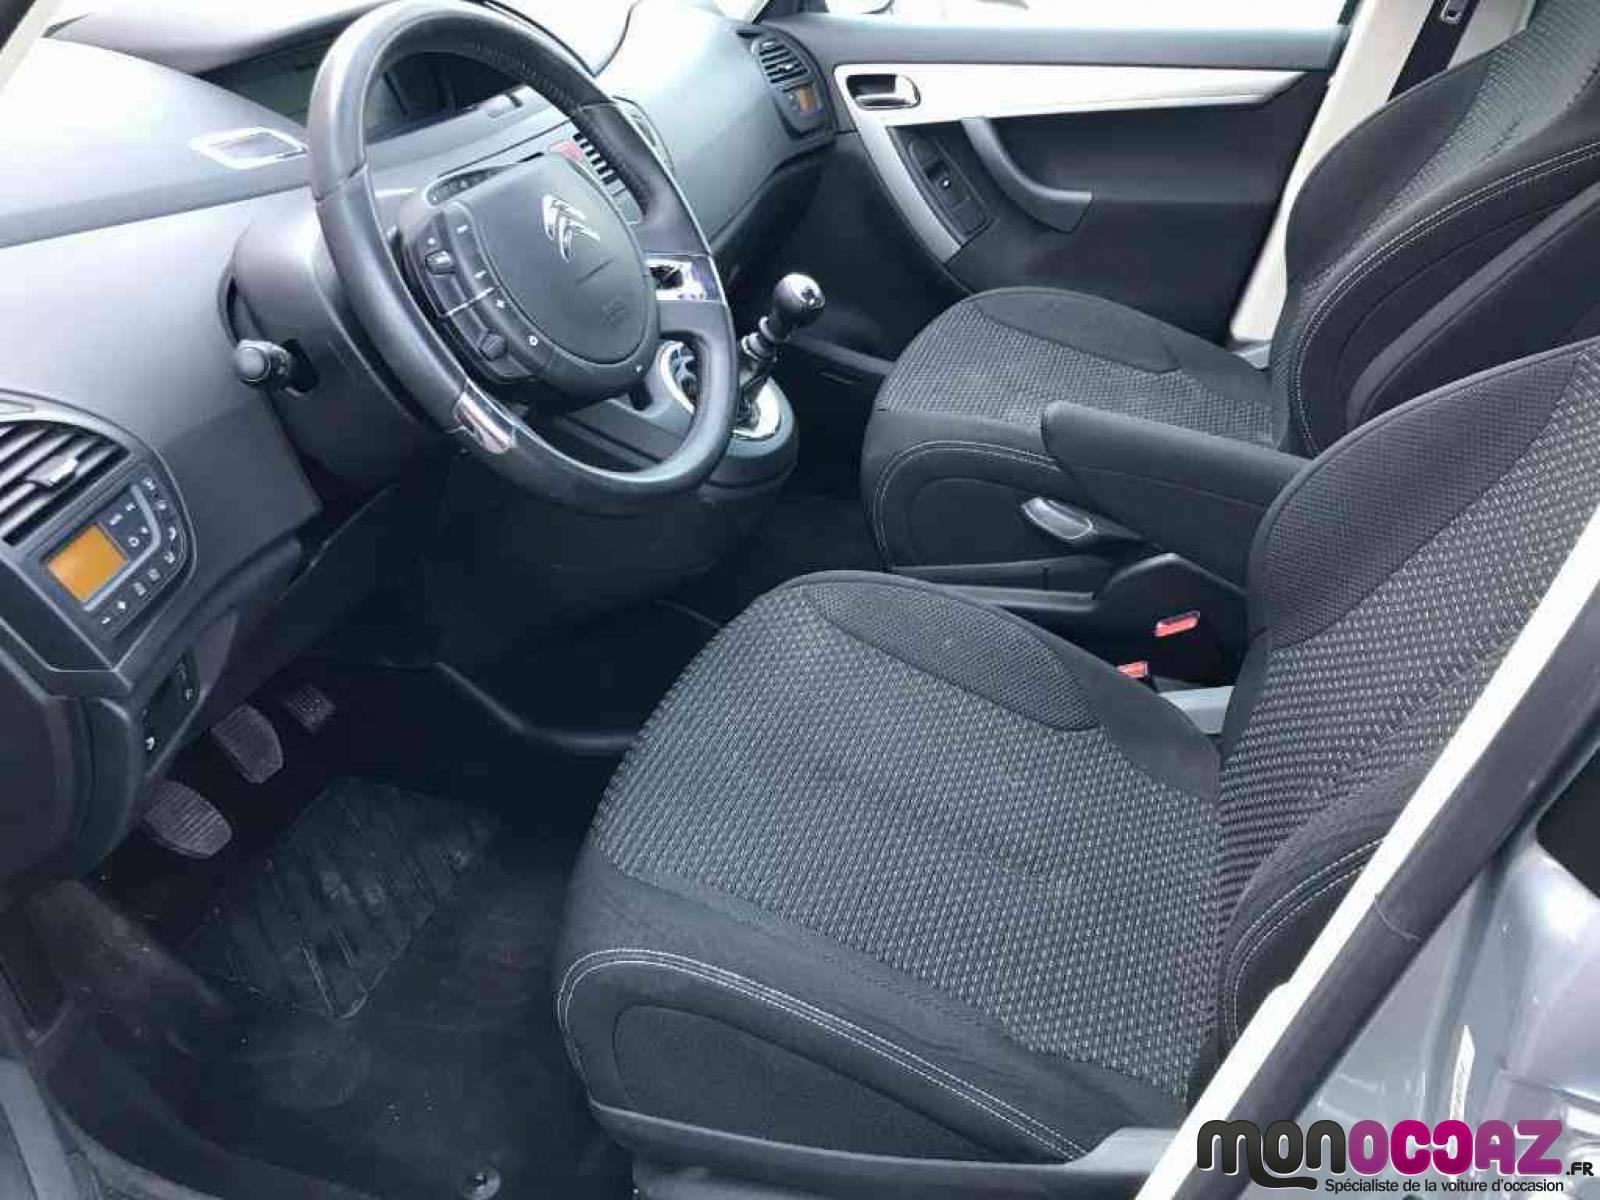 CITROEN C4 Picasso HDi 110 FAP - véhicule d'occasion - MonOccaz.fr - MonOccaz.fr - 89140 - Pont-sur-Yonne - 6